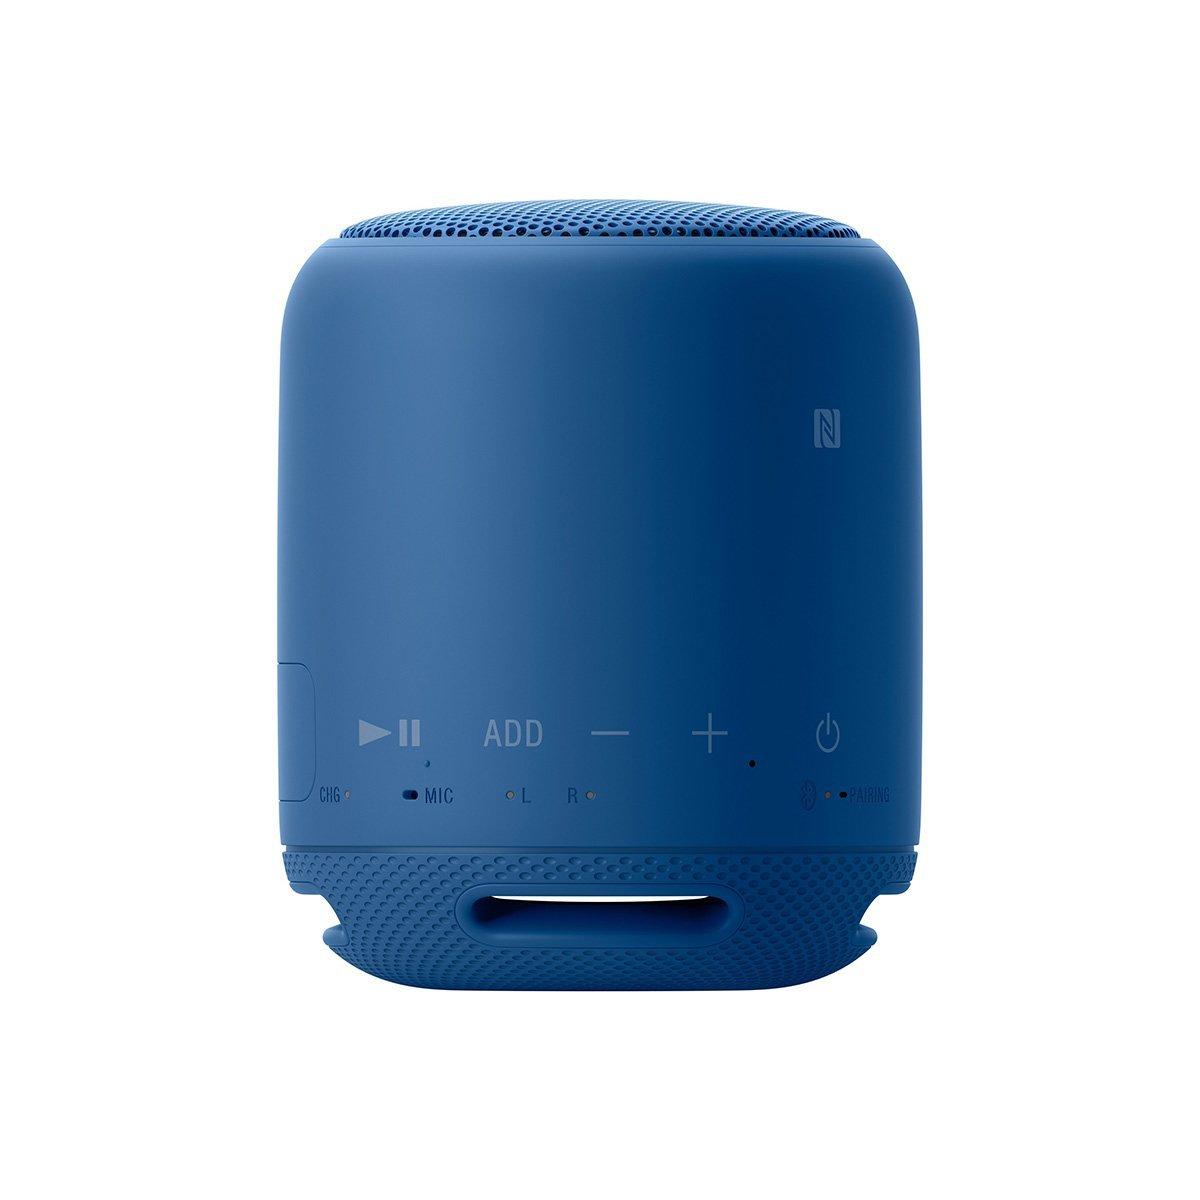 (お取り寄せ)SONY SRS-XB10L(ブルー) ソニー ワイヤレスポータブルスピーカー 重低音モデル 防水/Bluetooth/NFC対応 [SRSXB10L]